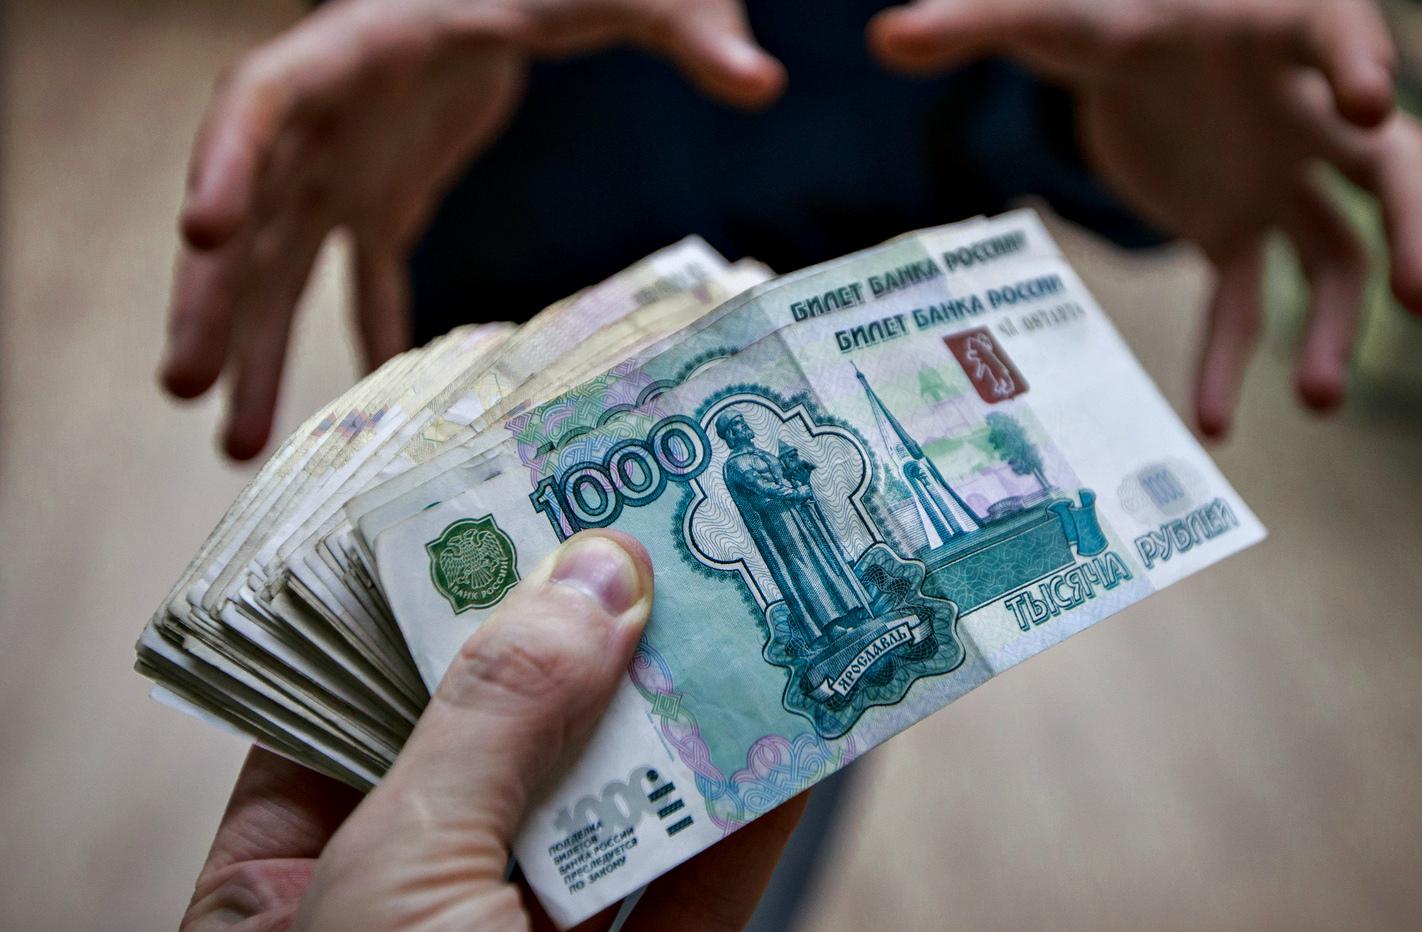 Депутаты «вымогали»… 249 тысяч рублей?!